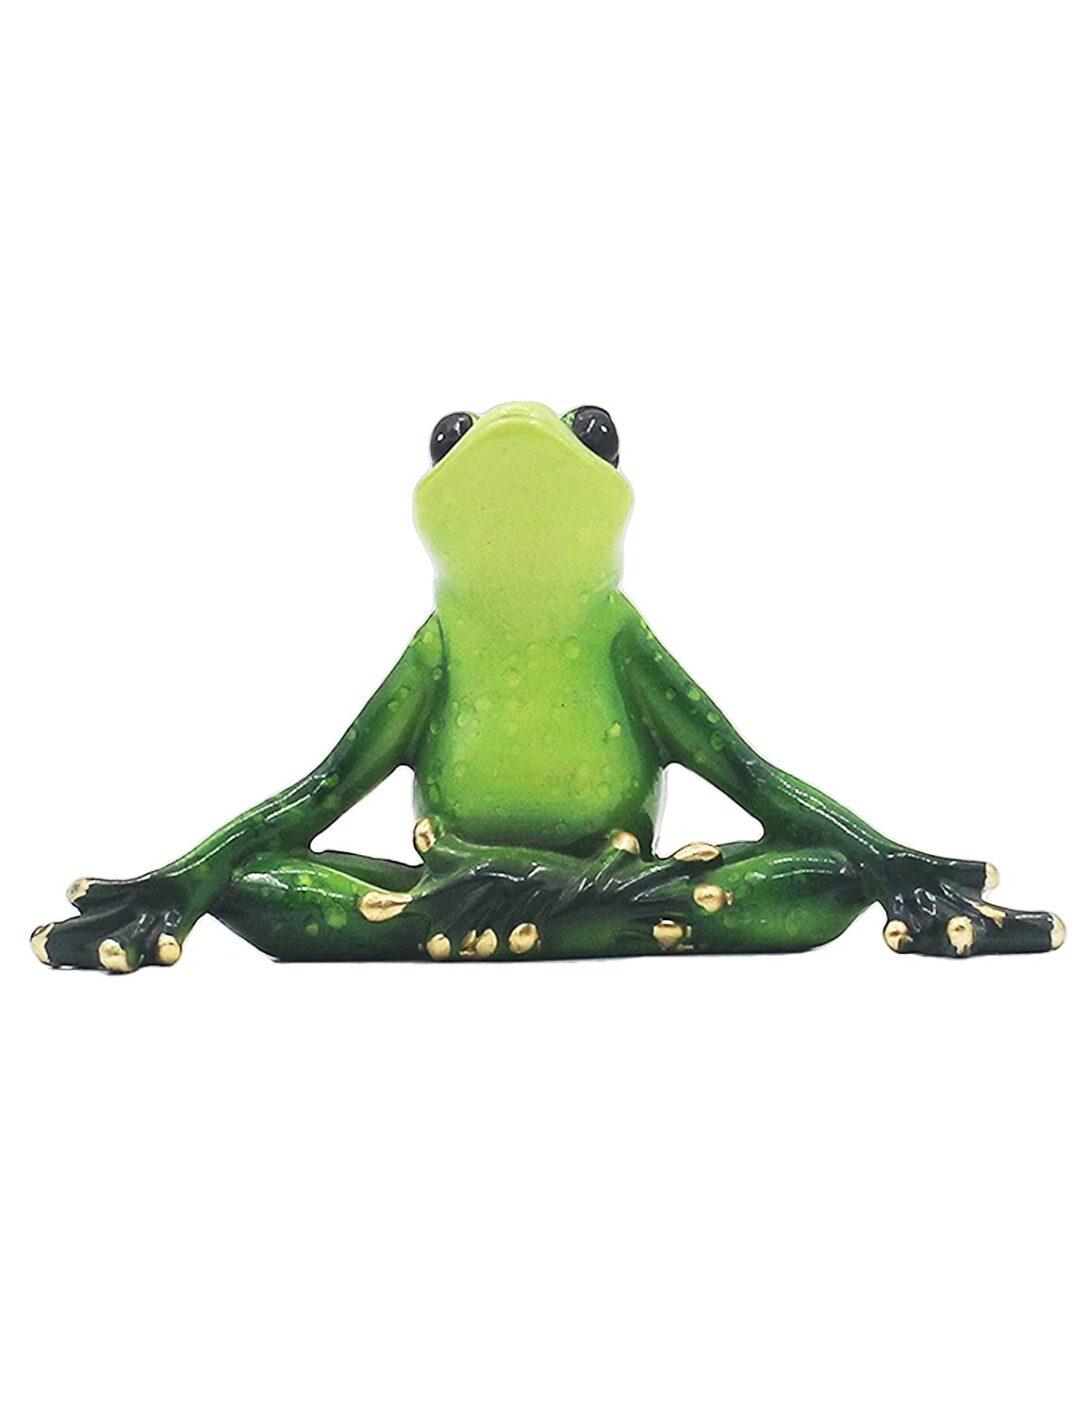 Large Size of Raikou Moralische Integritt Frosch Yoga Schlafzimmer Sessel Badezimmer Deko Schimmel Im Landhaus Set Weiß Nolte Deckenleuchte Wandlampe Komplett Guenstig Wohnzimmer Deko Fensterbank Schlafzimmer